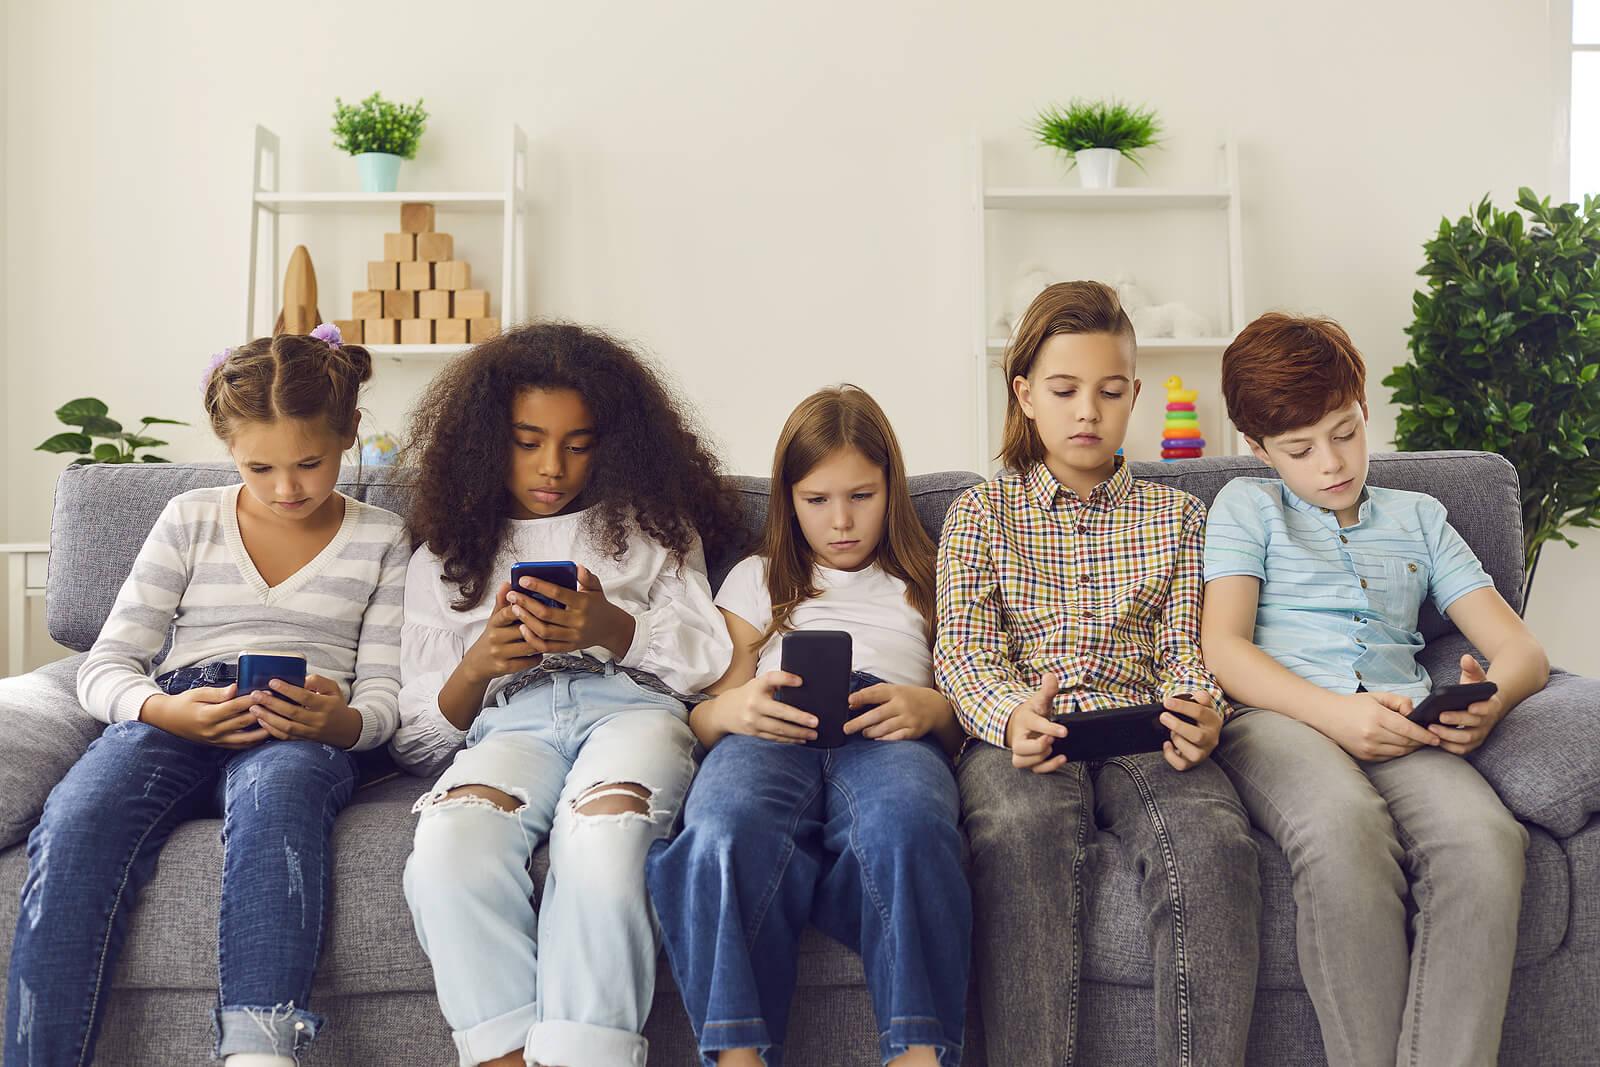 Niños sin hablar debido a que están mirando cada uno su teléfono móvil.